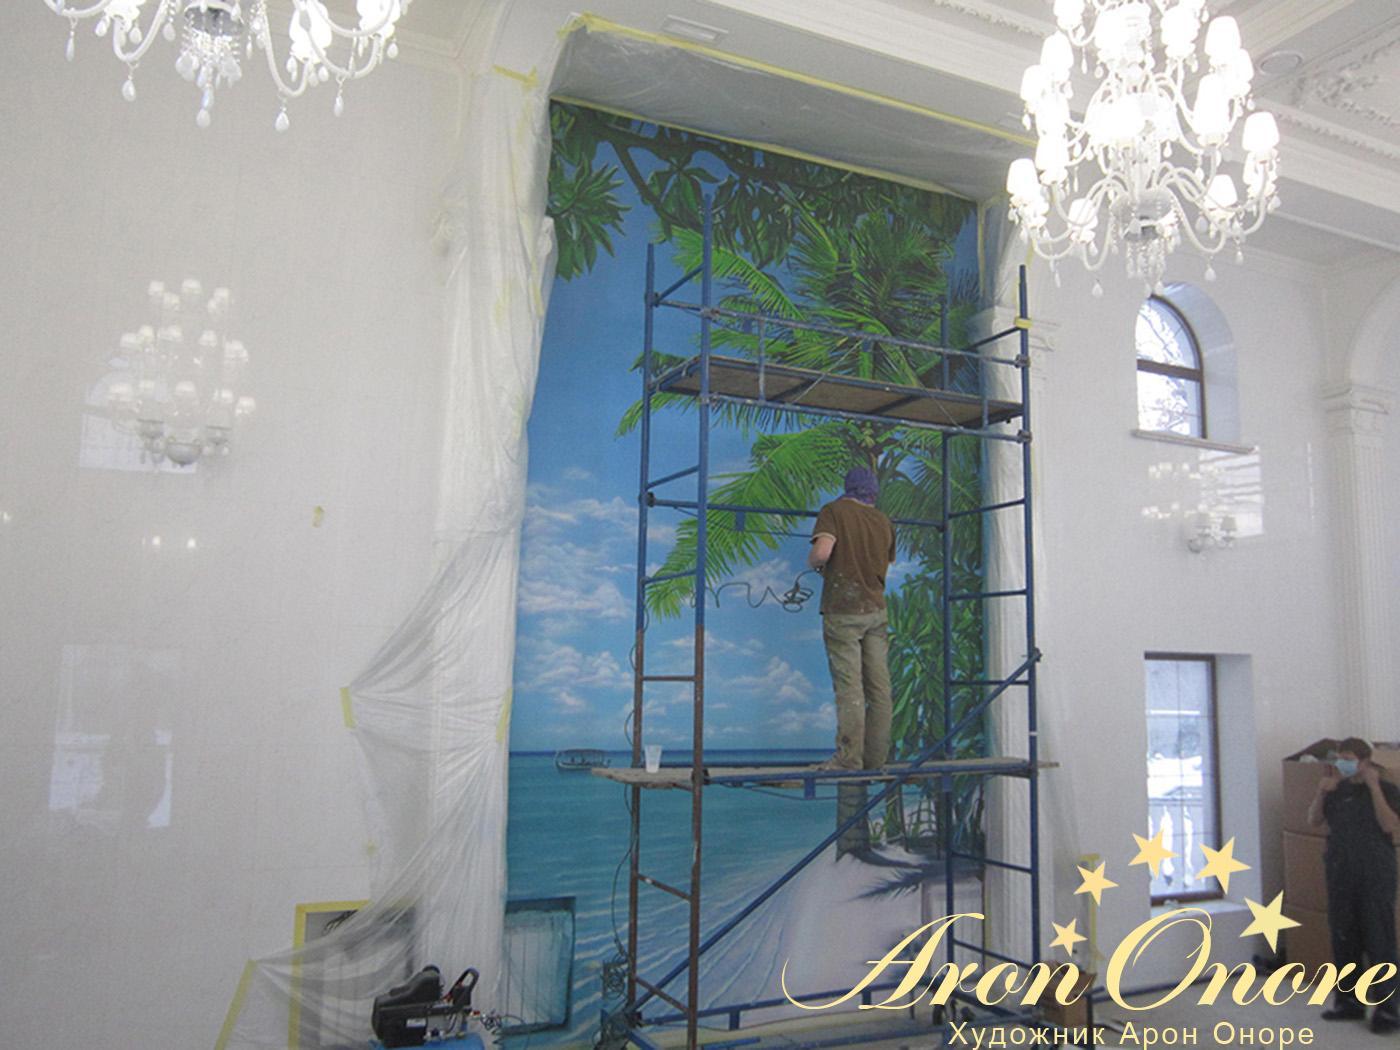 Художник – рисует граффити на стене дома в Киеве